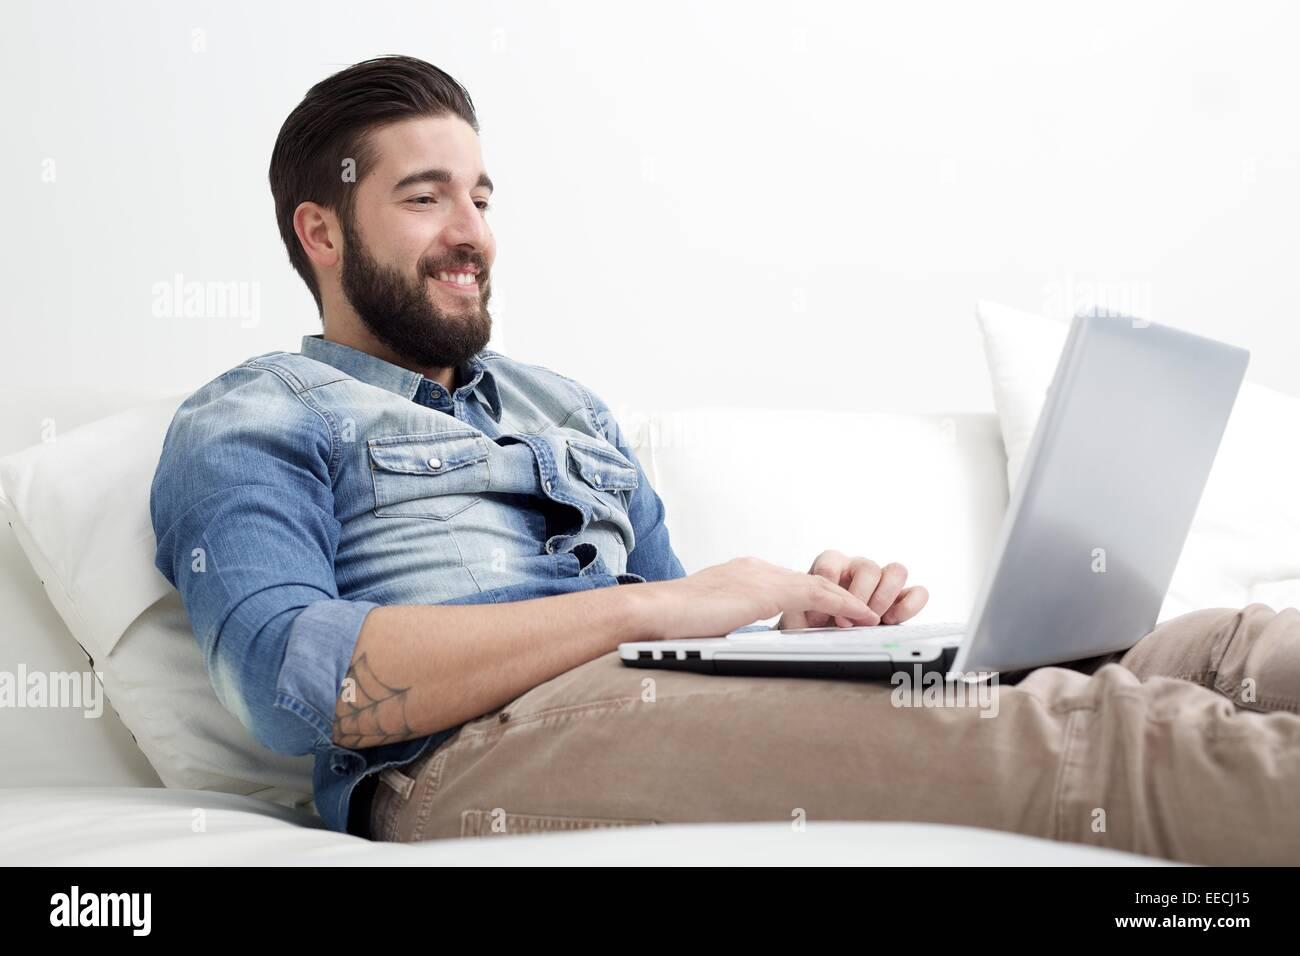 man watching laptop - Stock Image